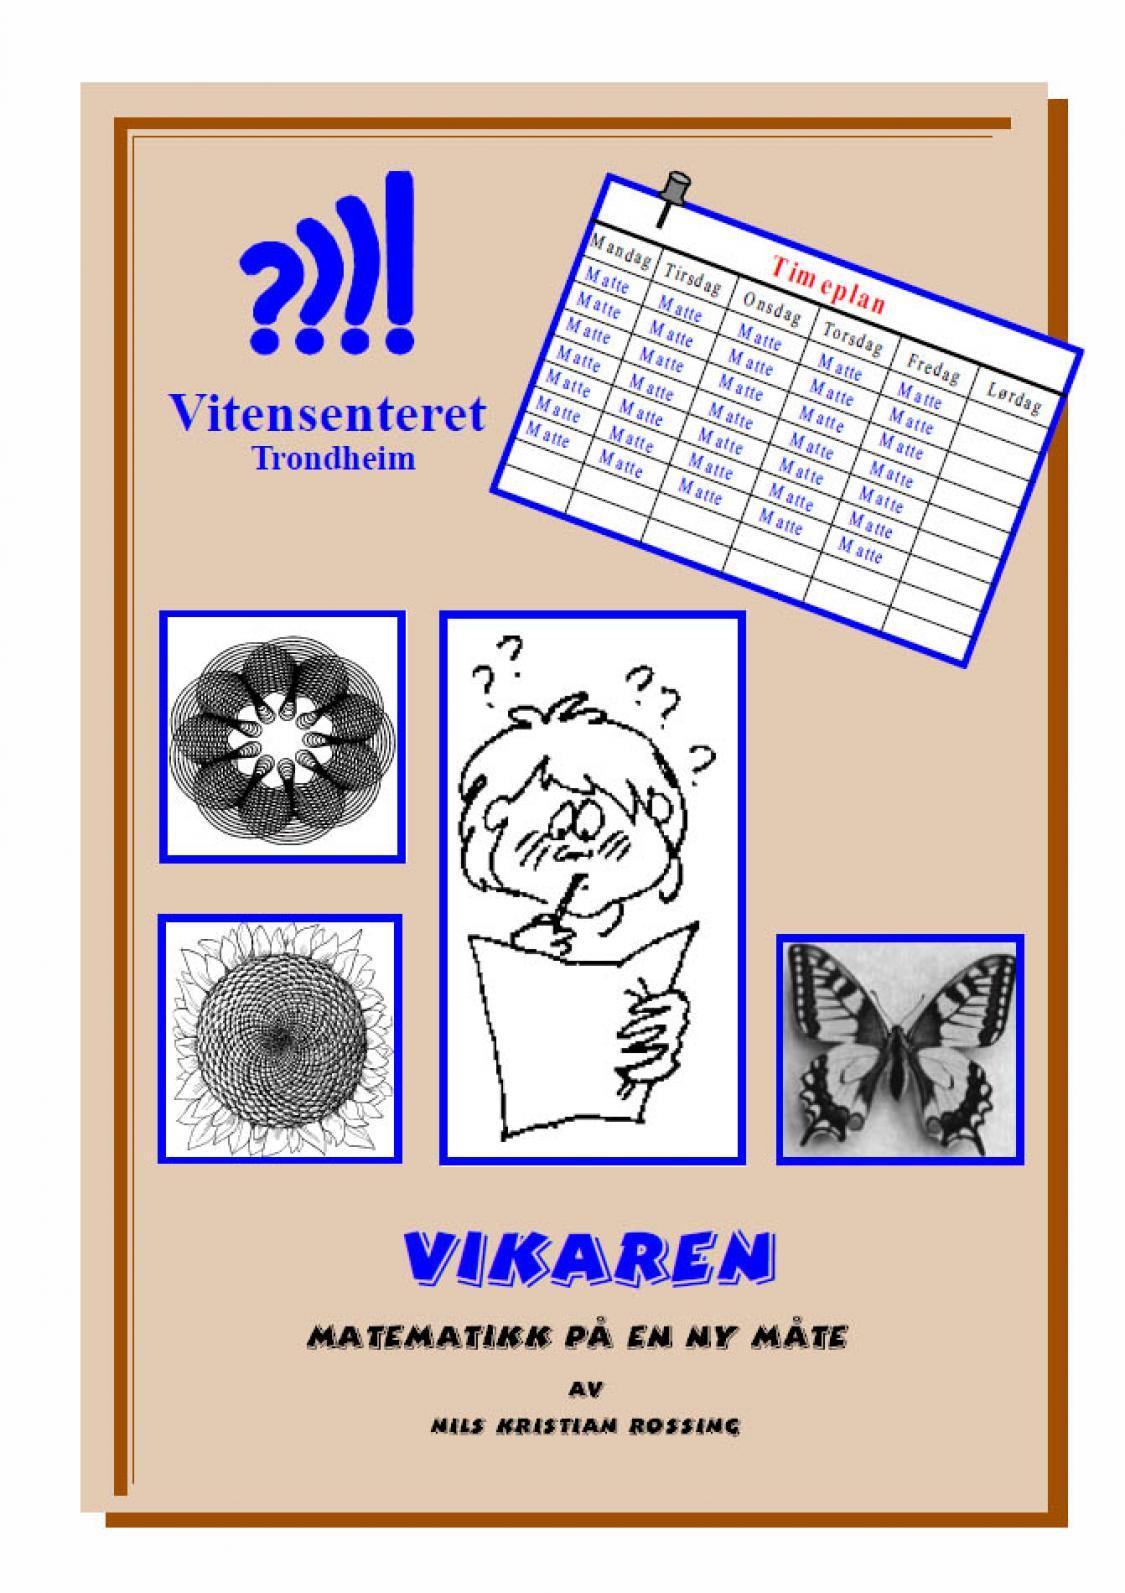 Vikaren - Matematikk på en ny måte